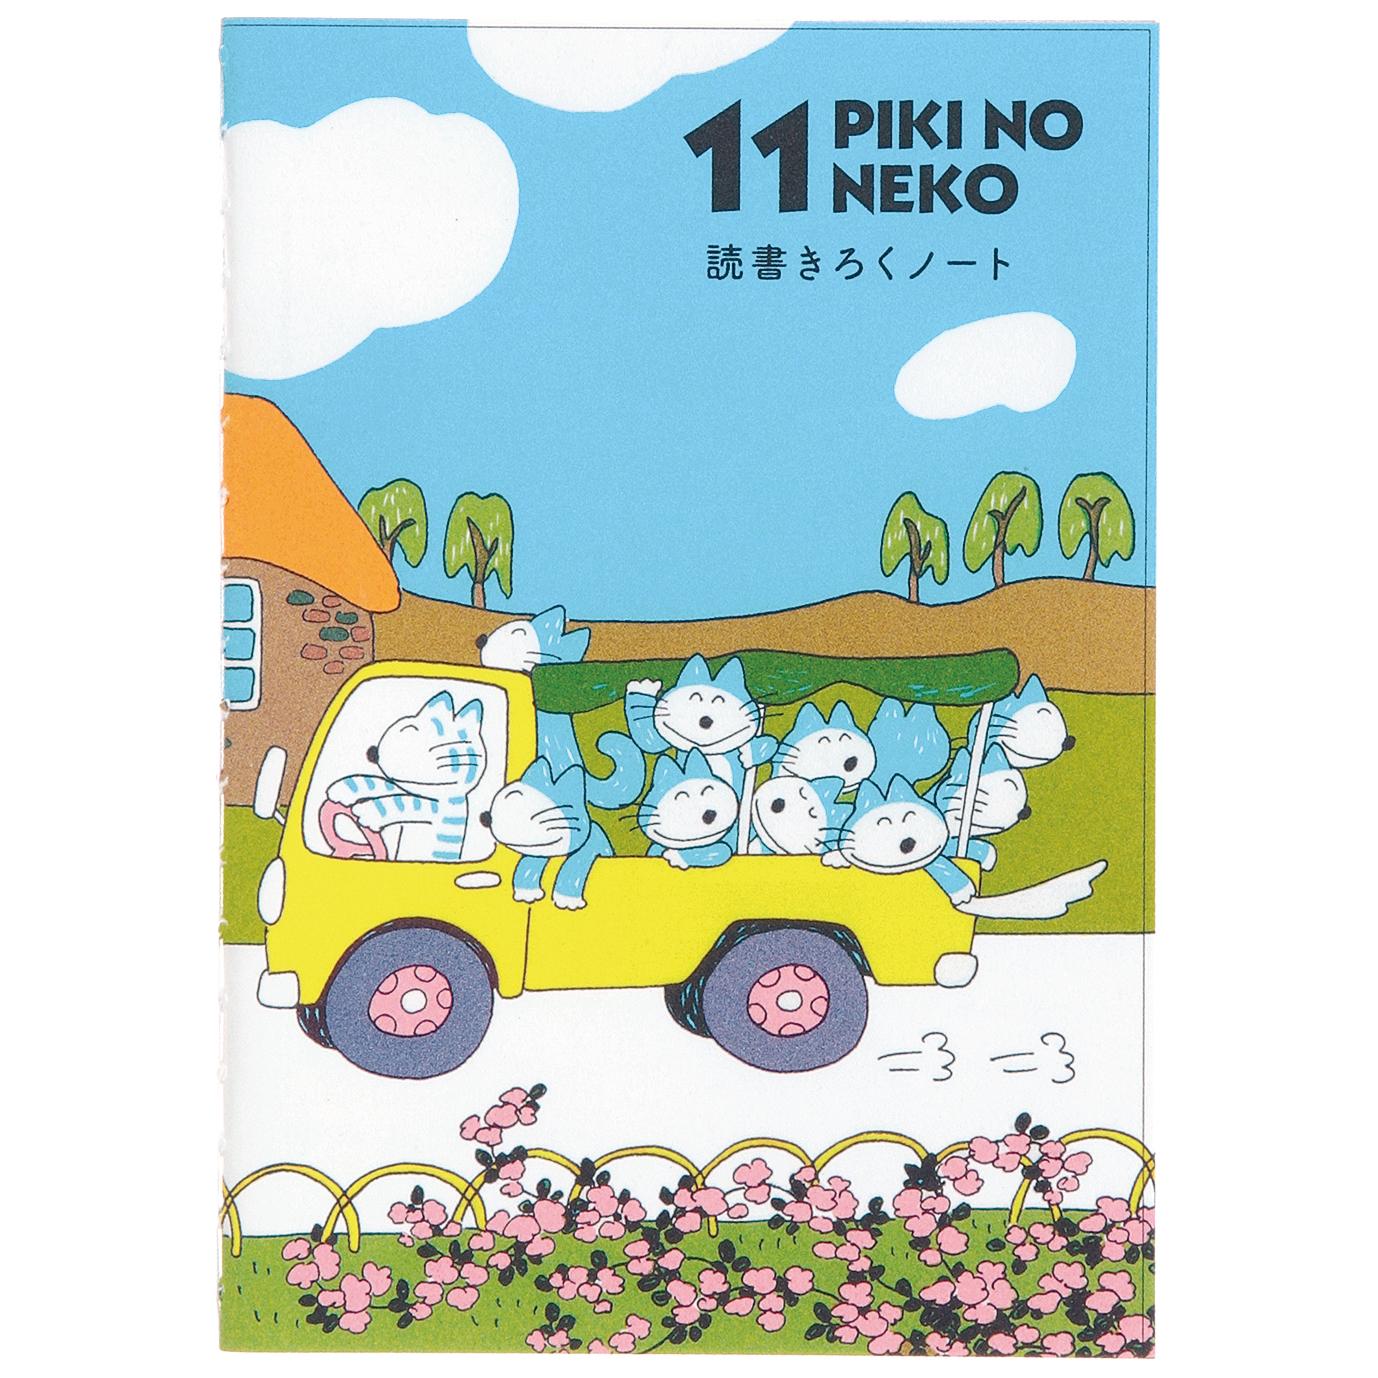 11ぴきのねこ 馬場のぼる<br> A6読書記録ノート(トラック)